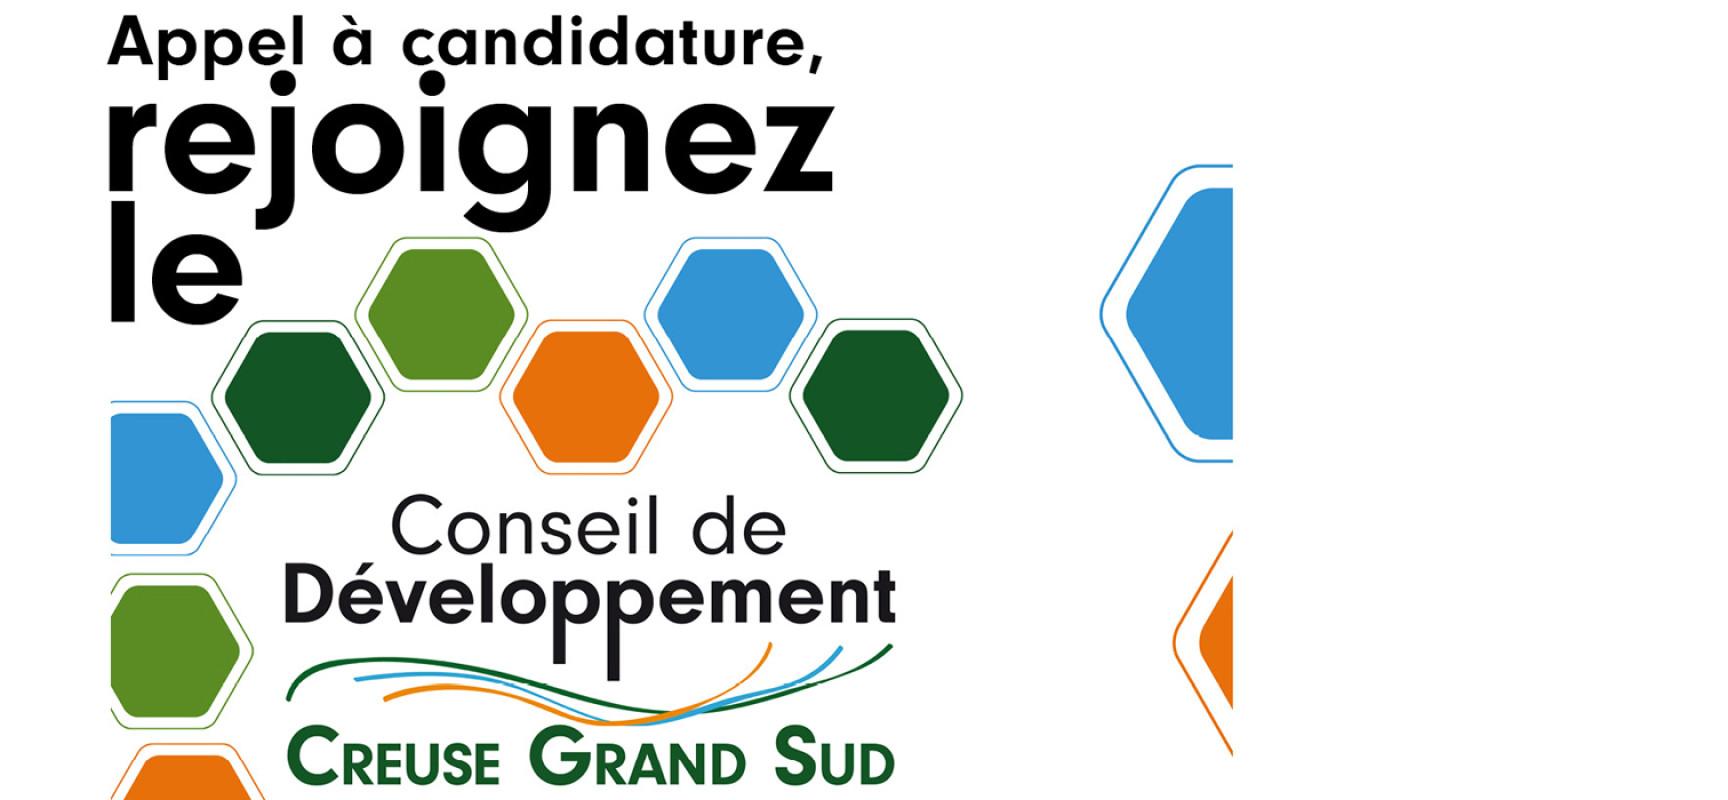 Appel à candidature, rejoignez le conseil de développement